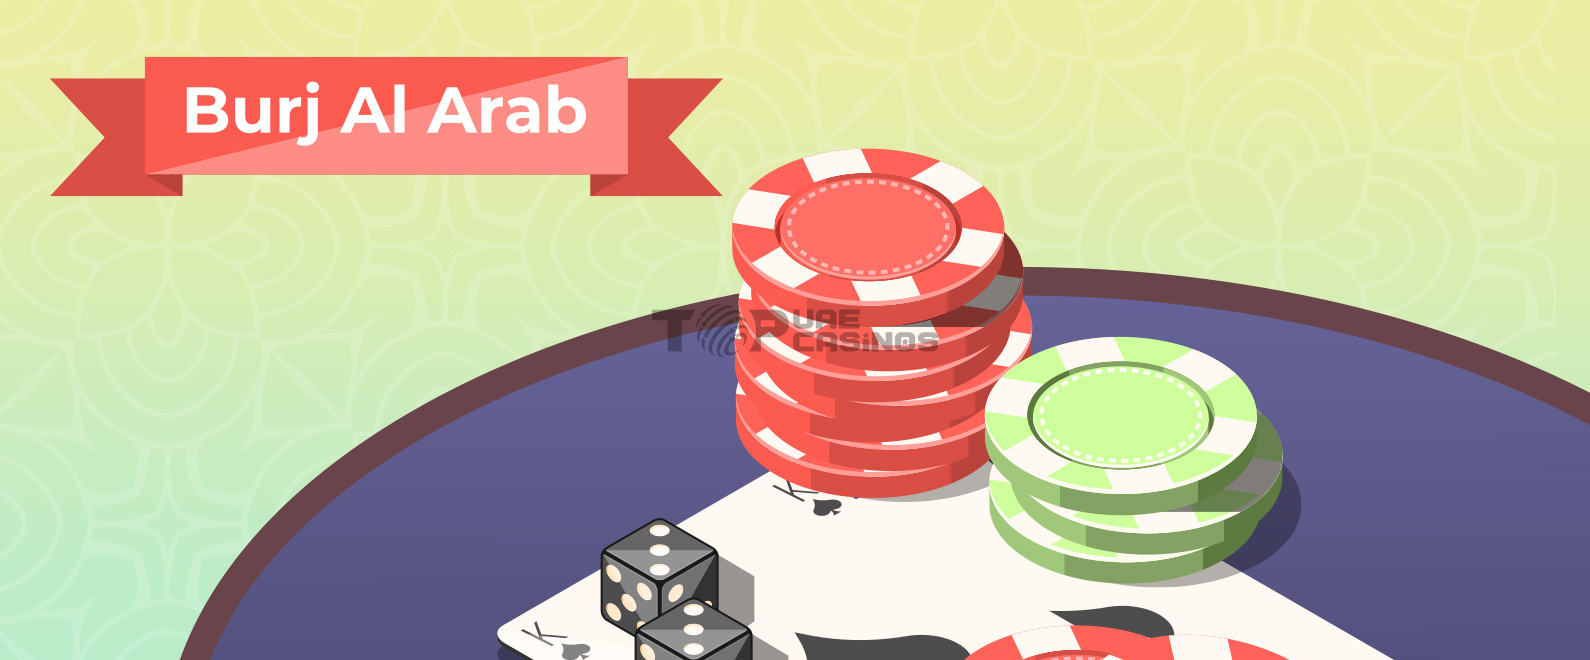 burj al arab casino